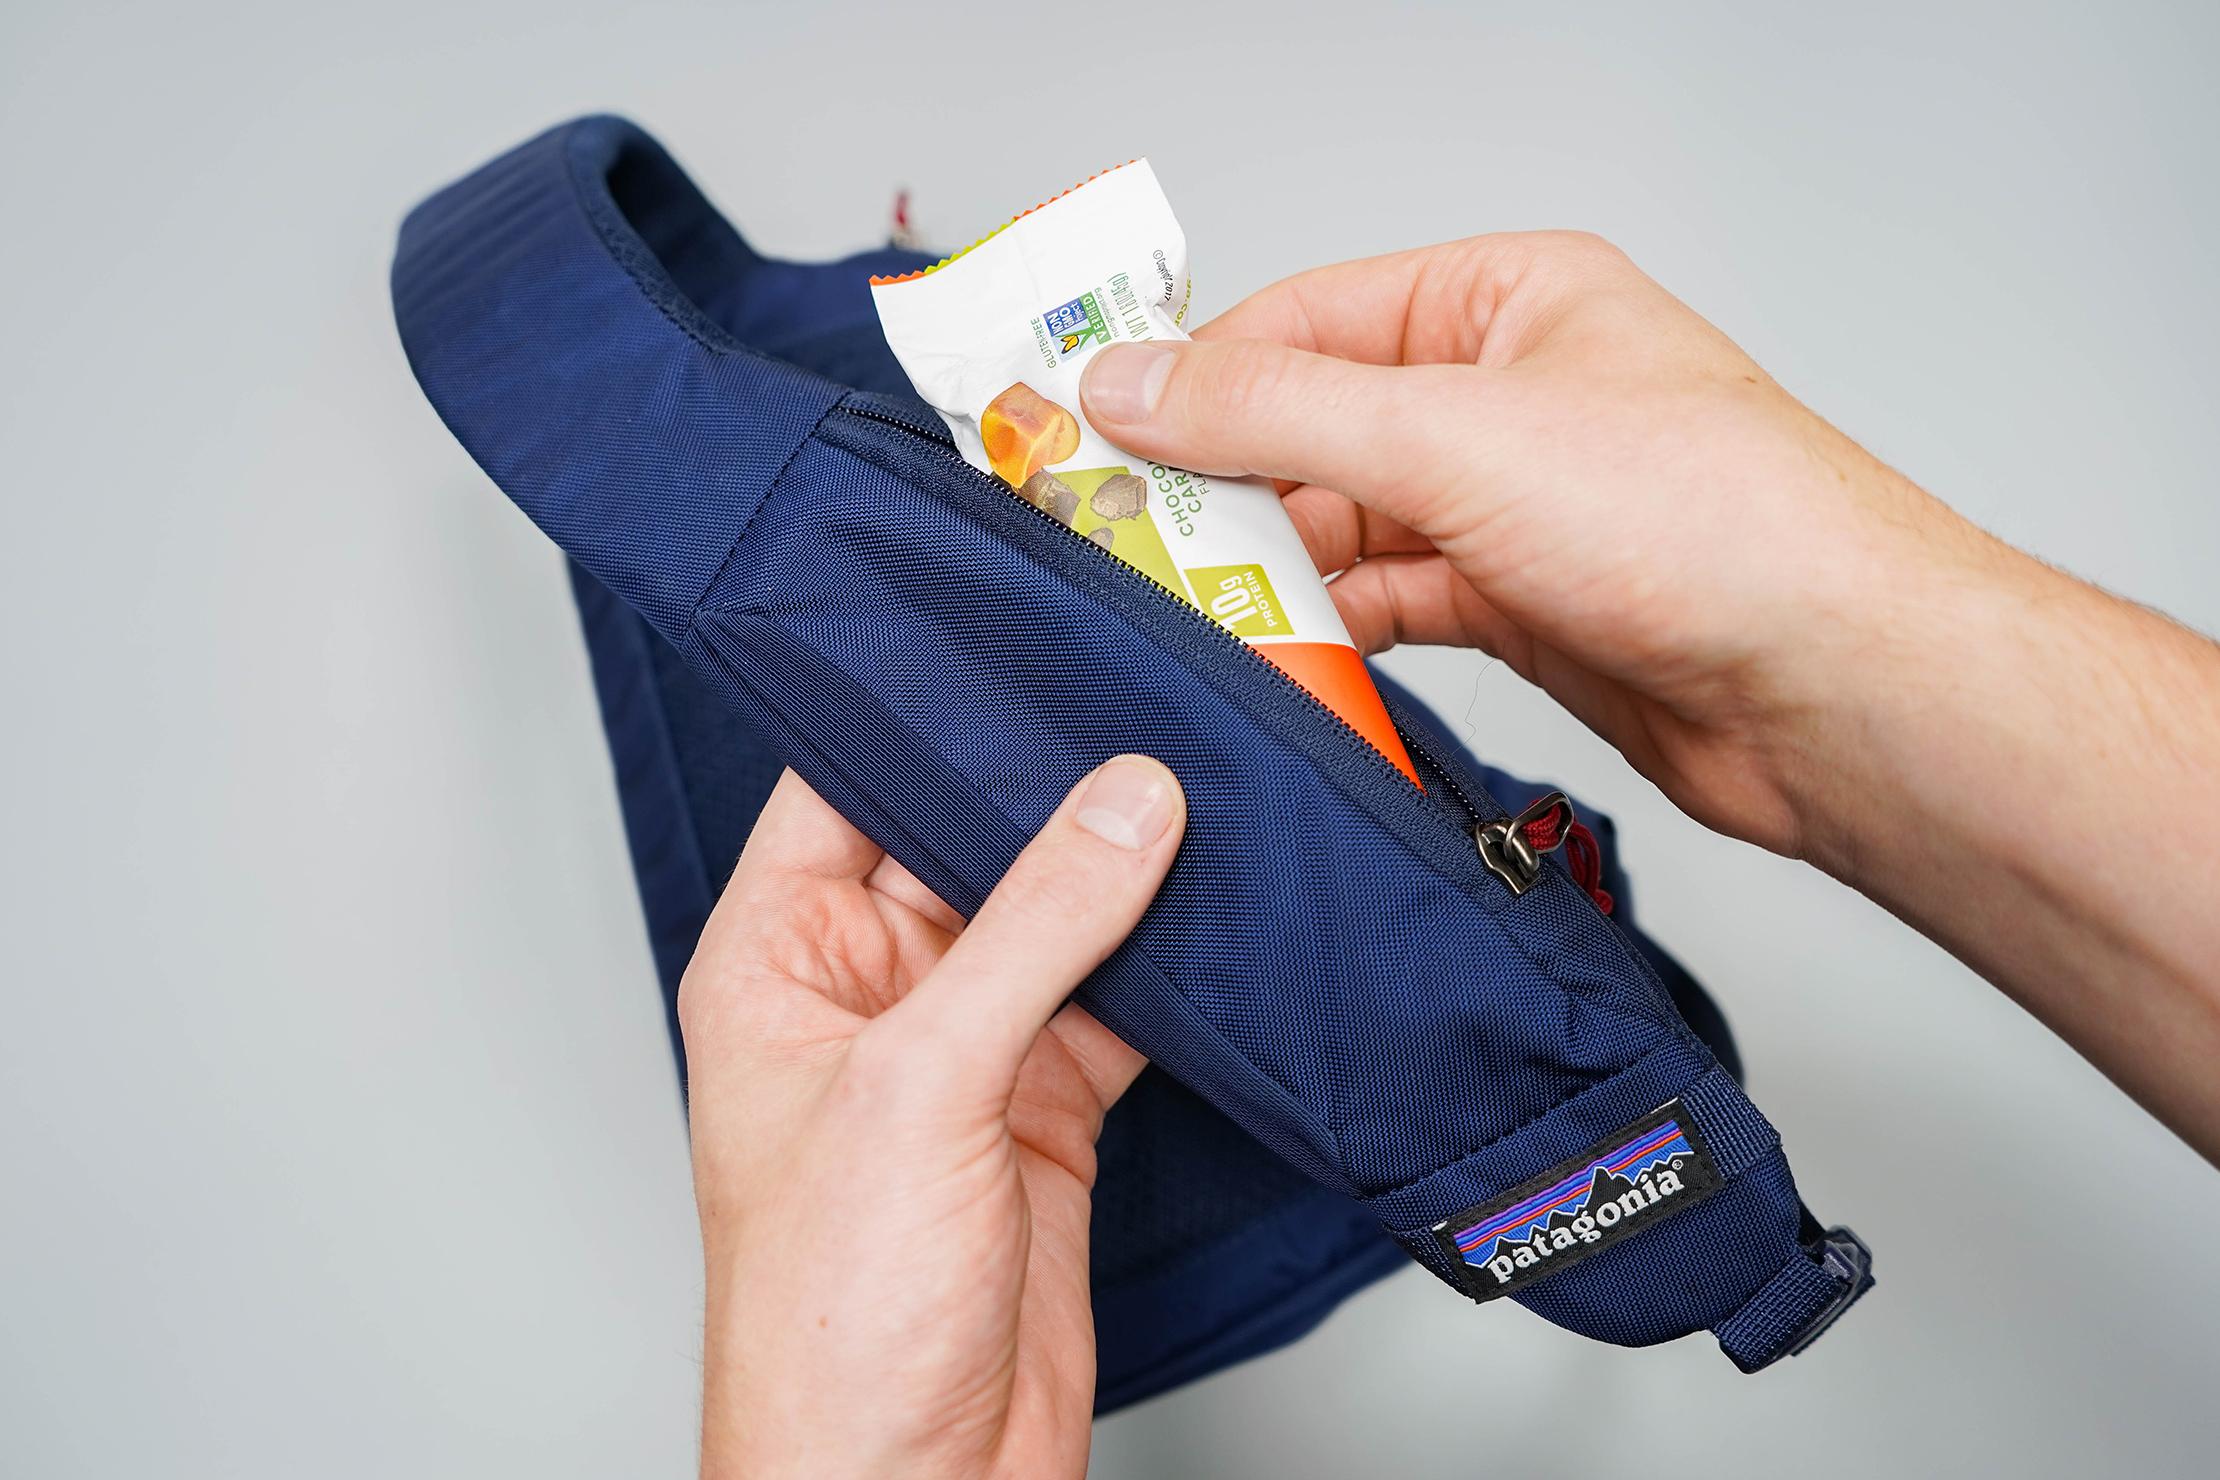 Patagonia Atom Sling Strap Pocket